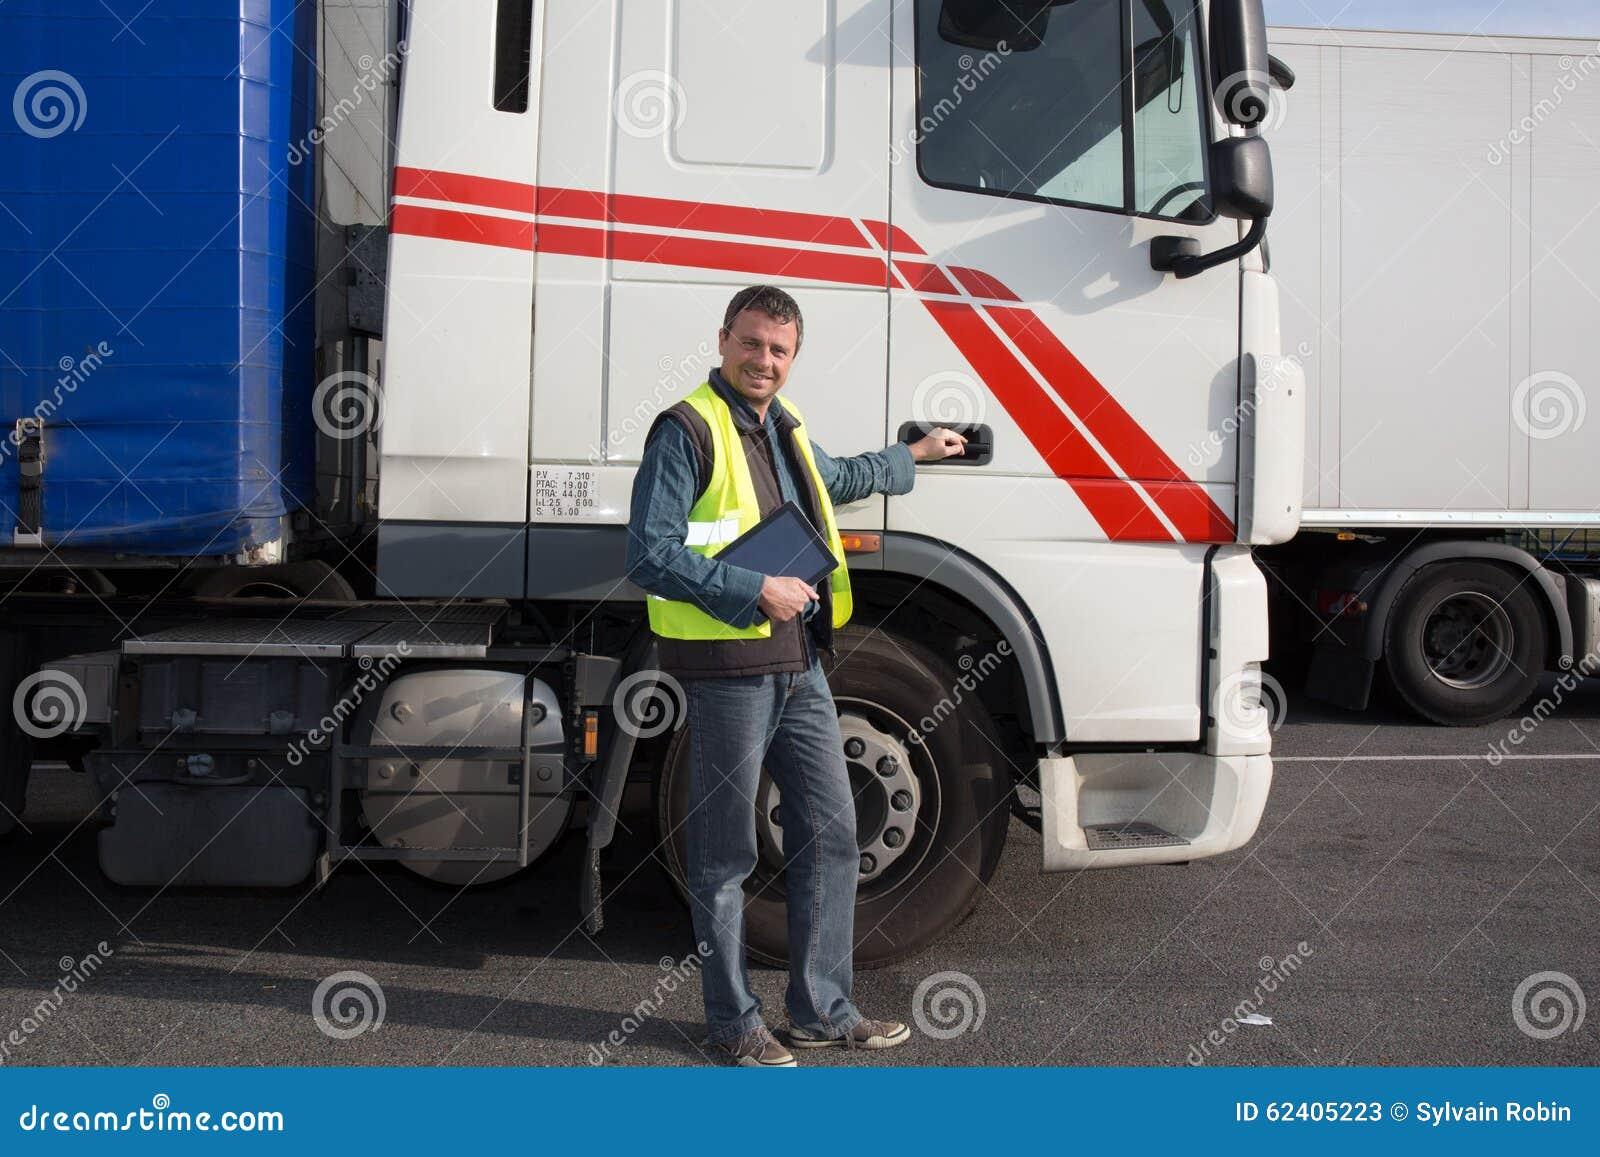 Διοικητικές μέριμνες - υπερήφανος οδηγός